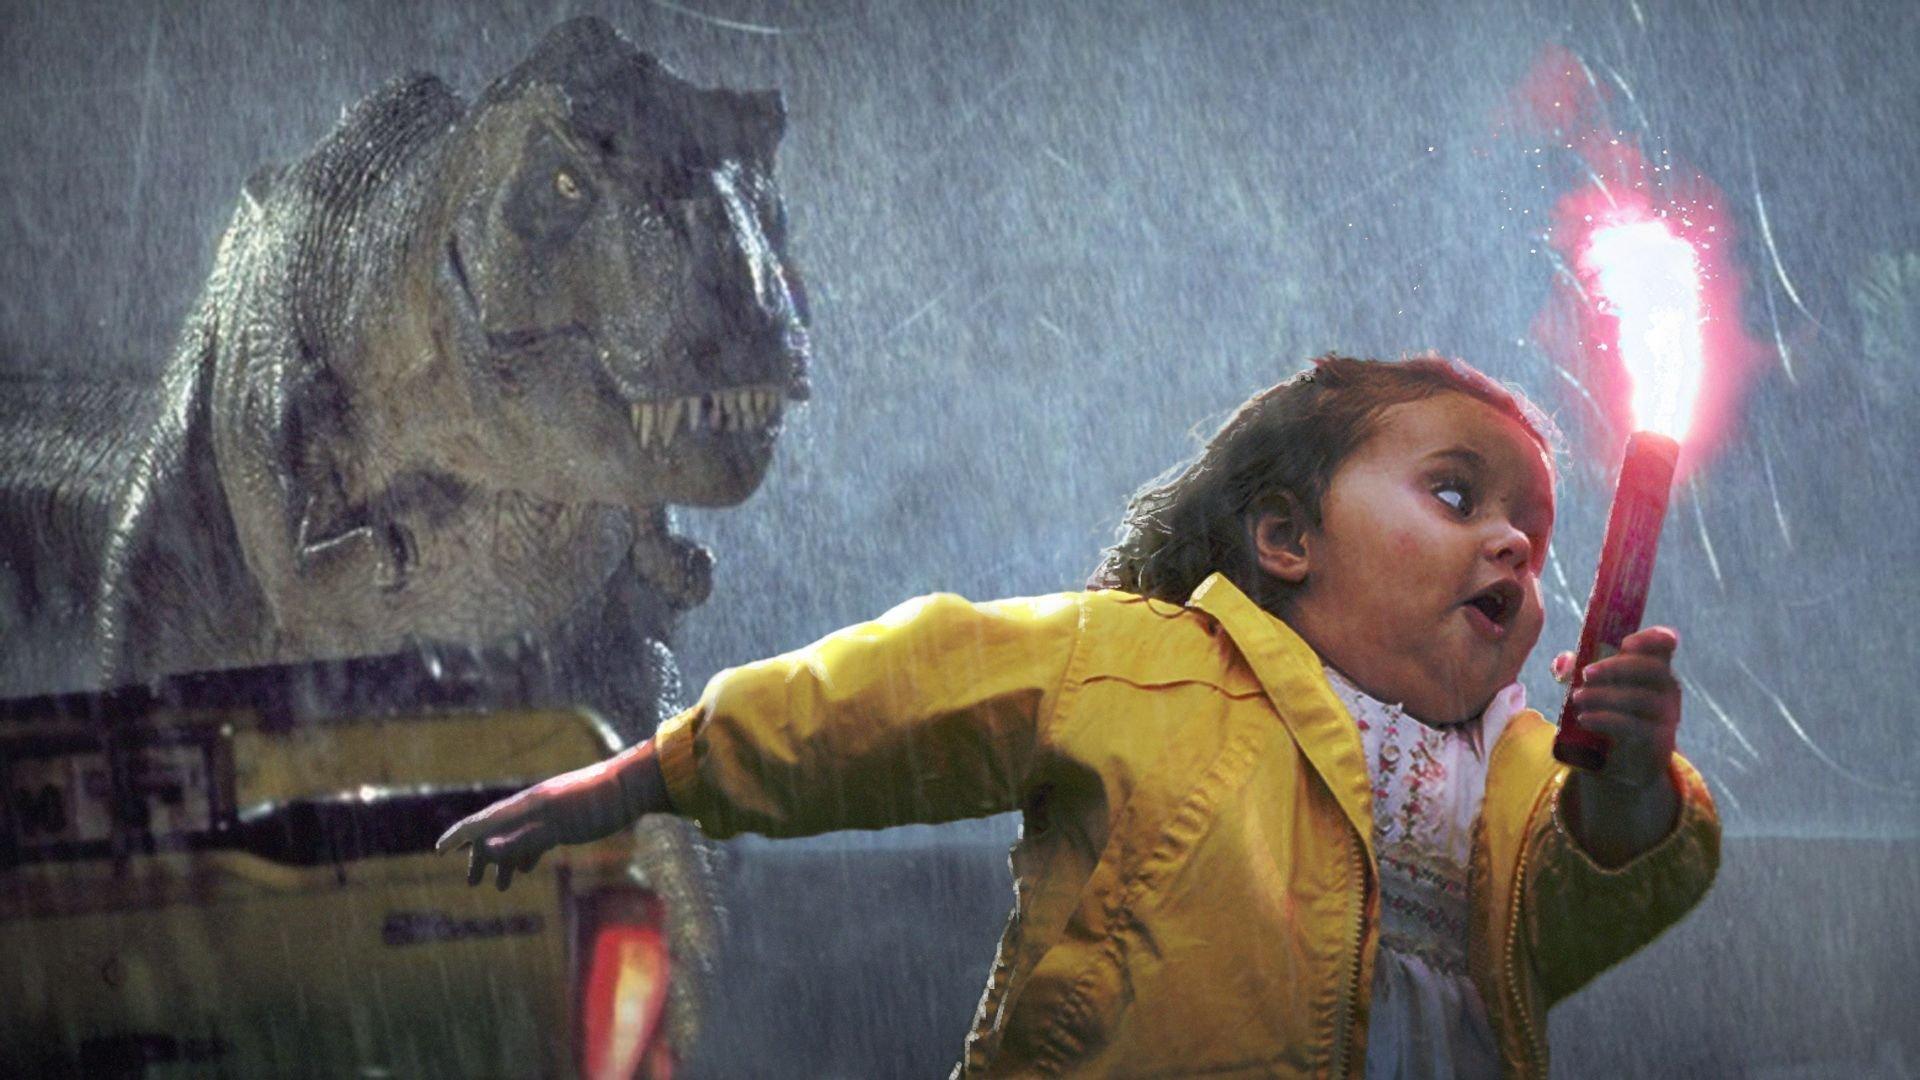 Oh mon dieu un t-rex sauvage apparait - meme